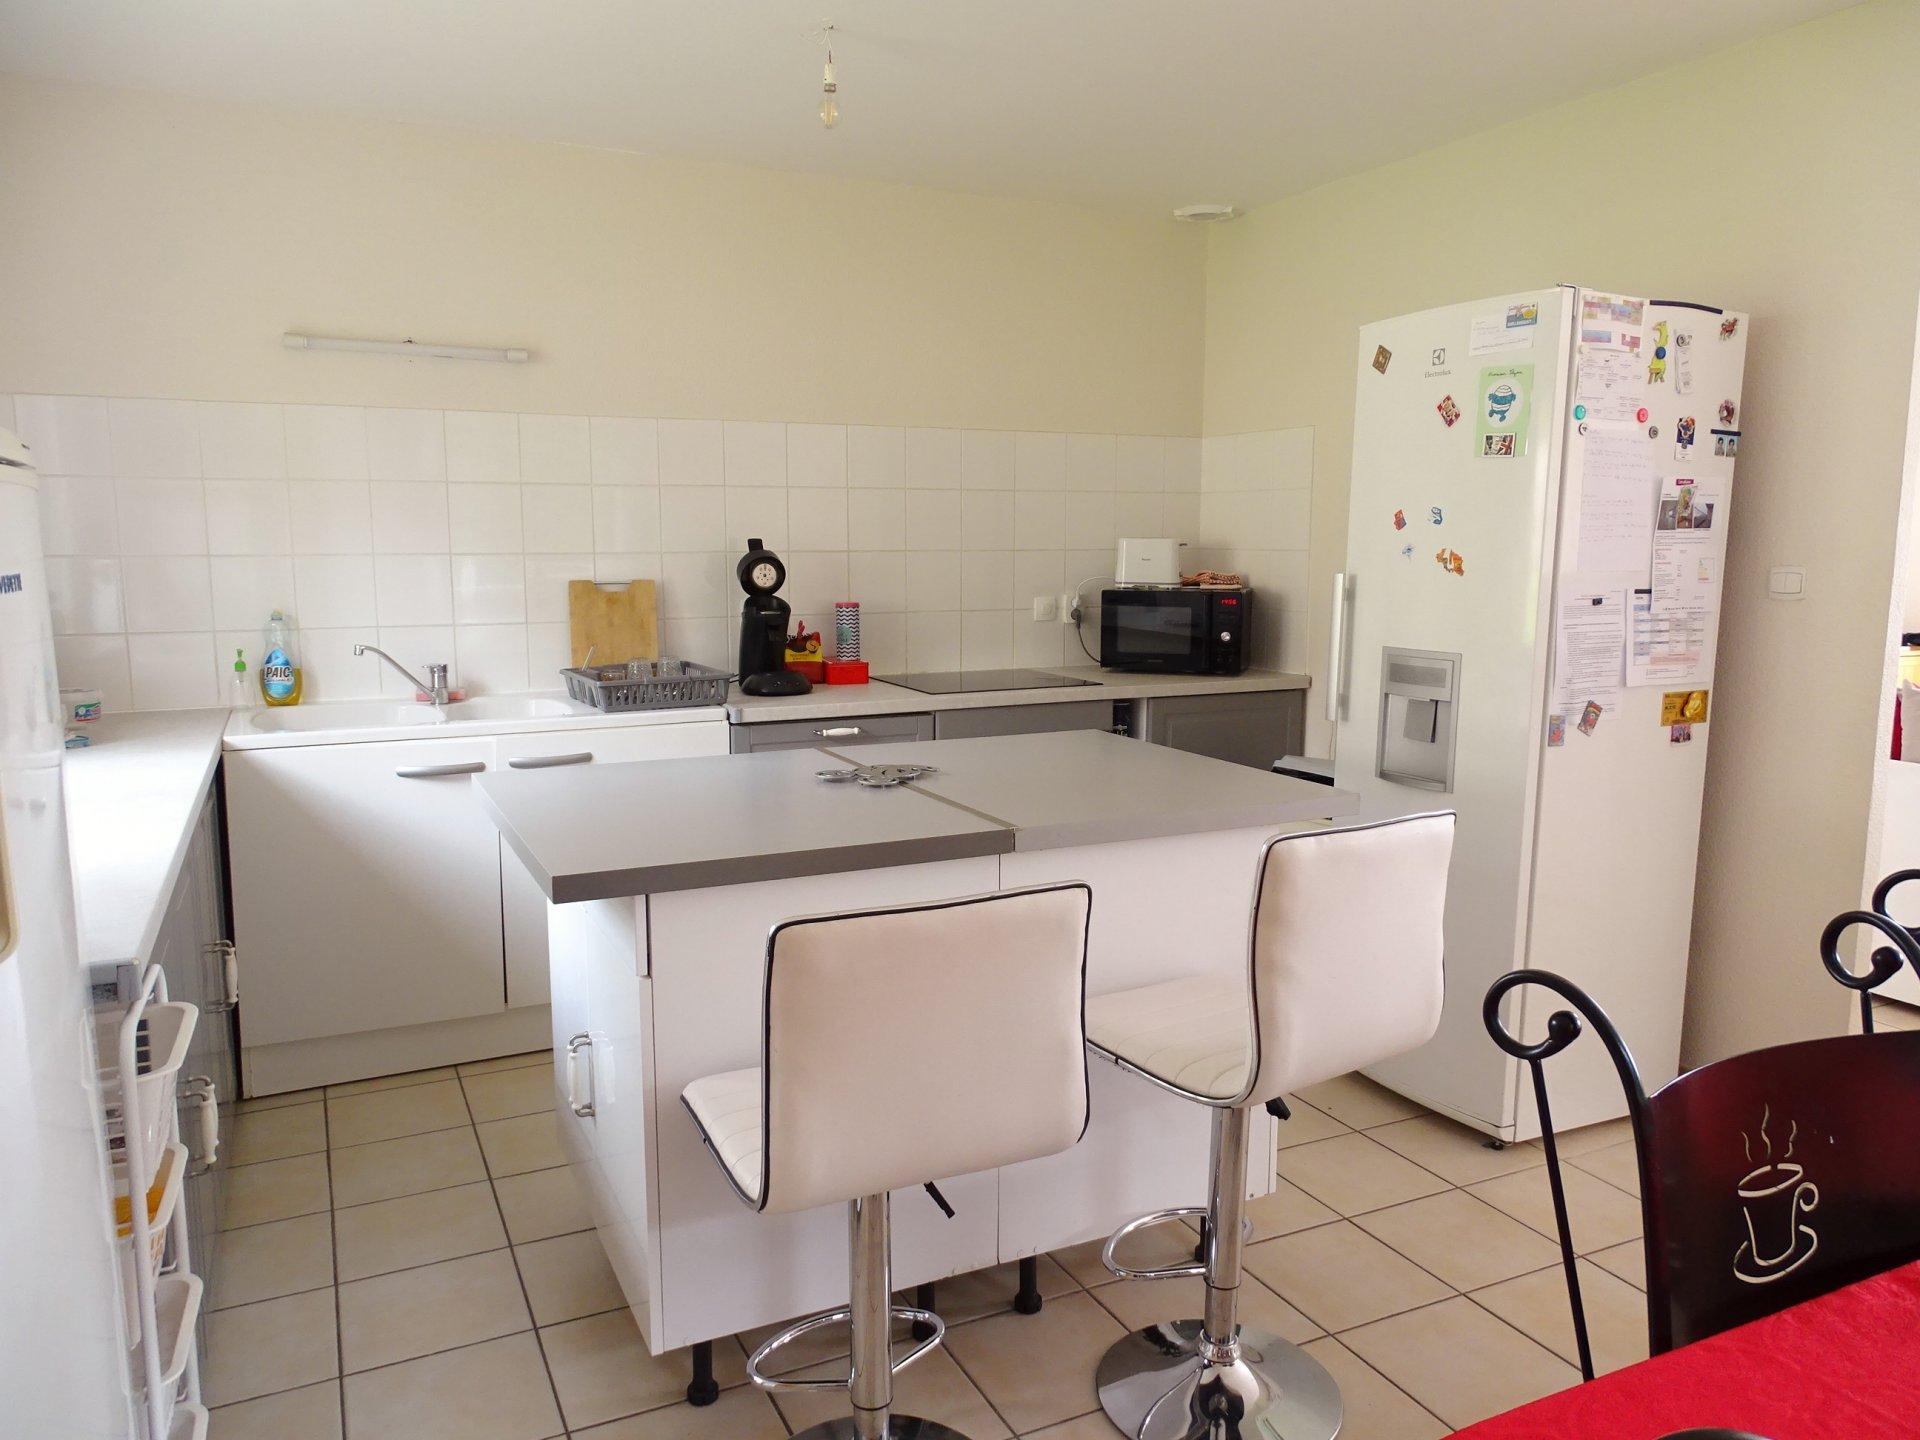 SOUS COMPROMIS DE VENTE. Construite en 2007, cette maison offre de plain pied une entrée donnant sur un agréable séjour ouvert sur la cuisine. Ce volume bénéficie d'une triple exposition et d'une belle luminosité. A l'étage vous découvrirez 3 chambres agréables ainsi qu'une salle de bains. Cette maison offre de nombreux atouts : une terrasse bien exposée, un grand garage attenant, un petit bureau, une chaudière au gaz récente, un environnement verdoyant tout en étant à proximité de tous les commerces et services. A visiter sans tarder... Honoraires à la charge des vendeurs.